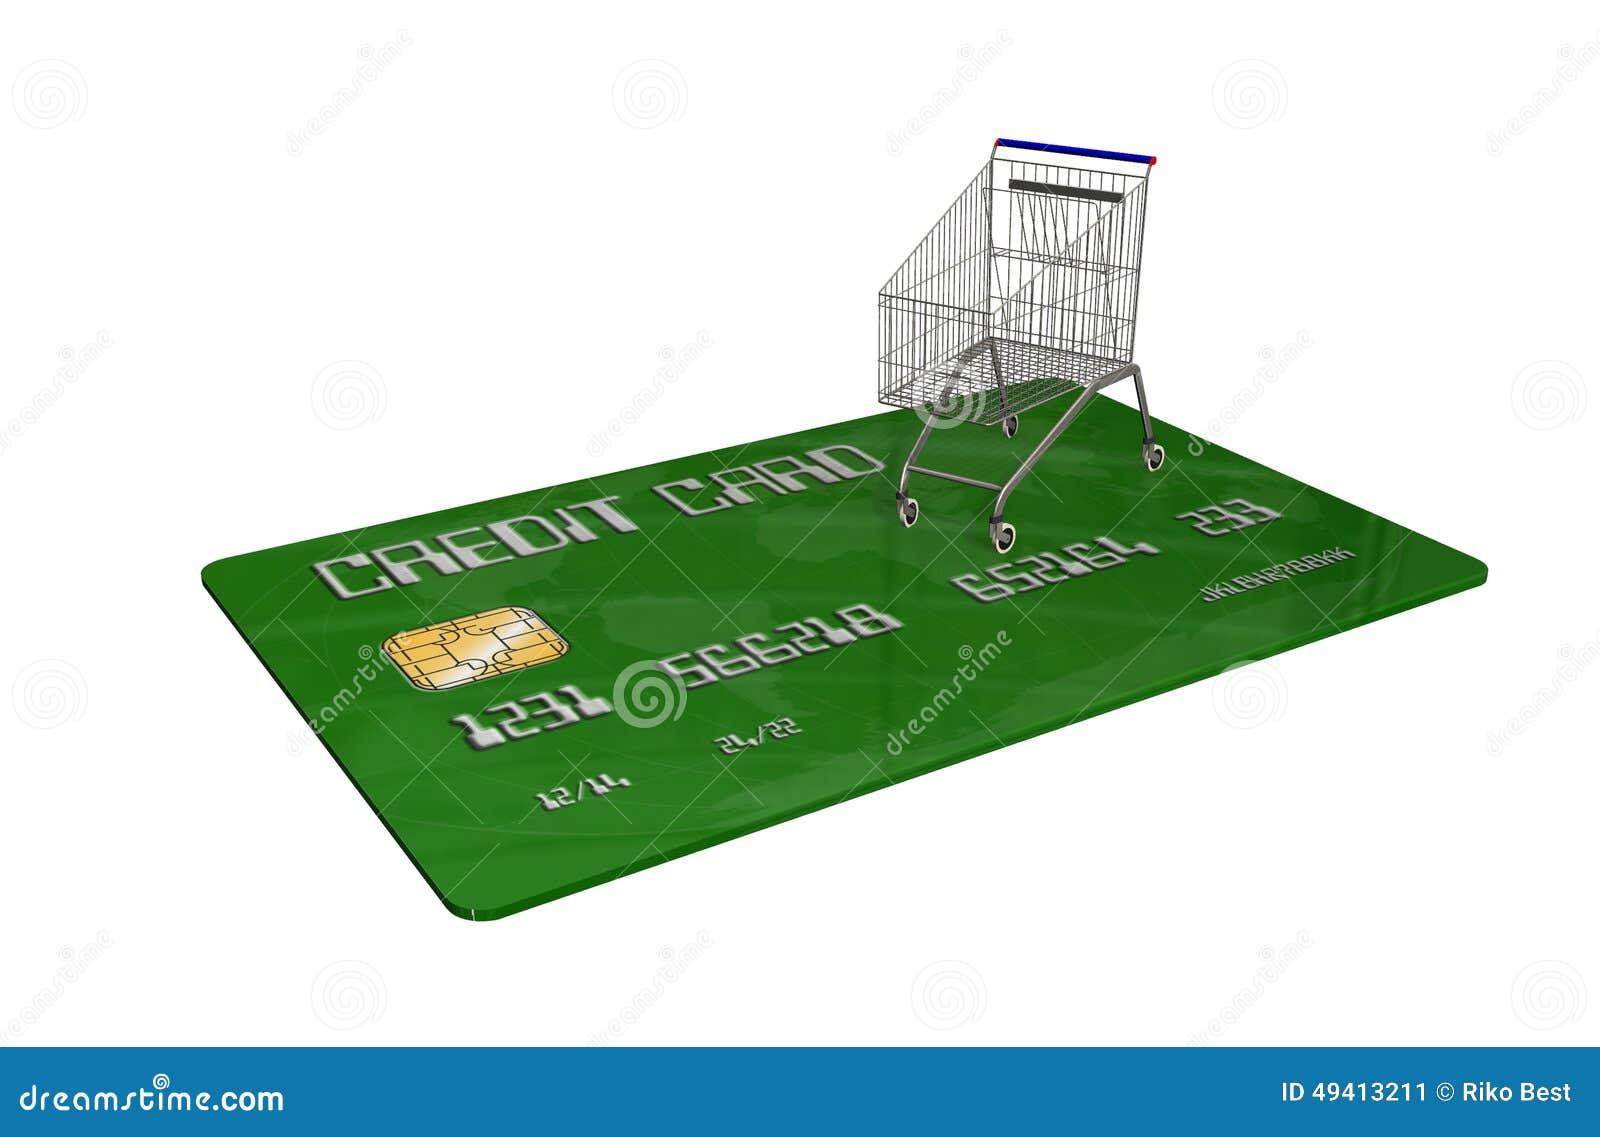 Download Kreditkarte Mit Einem Warenkorb Auf Weißem Hintergrund Stock Abbildung - Illustration von metallisch, erwerb: 49413211